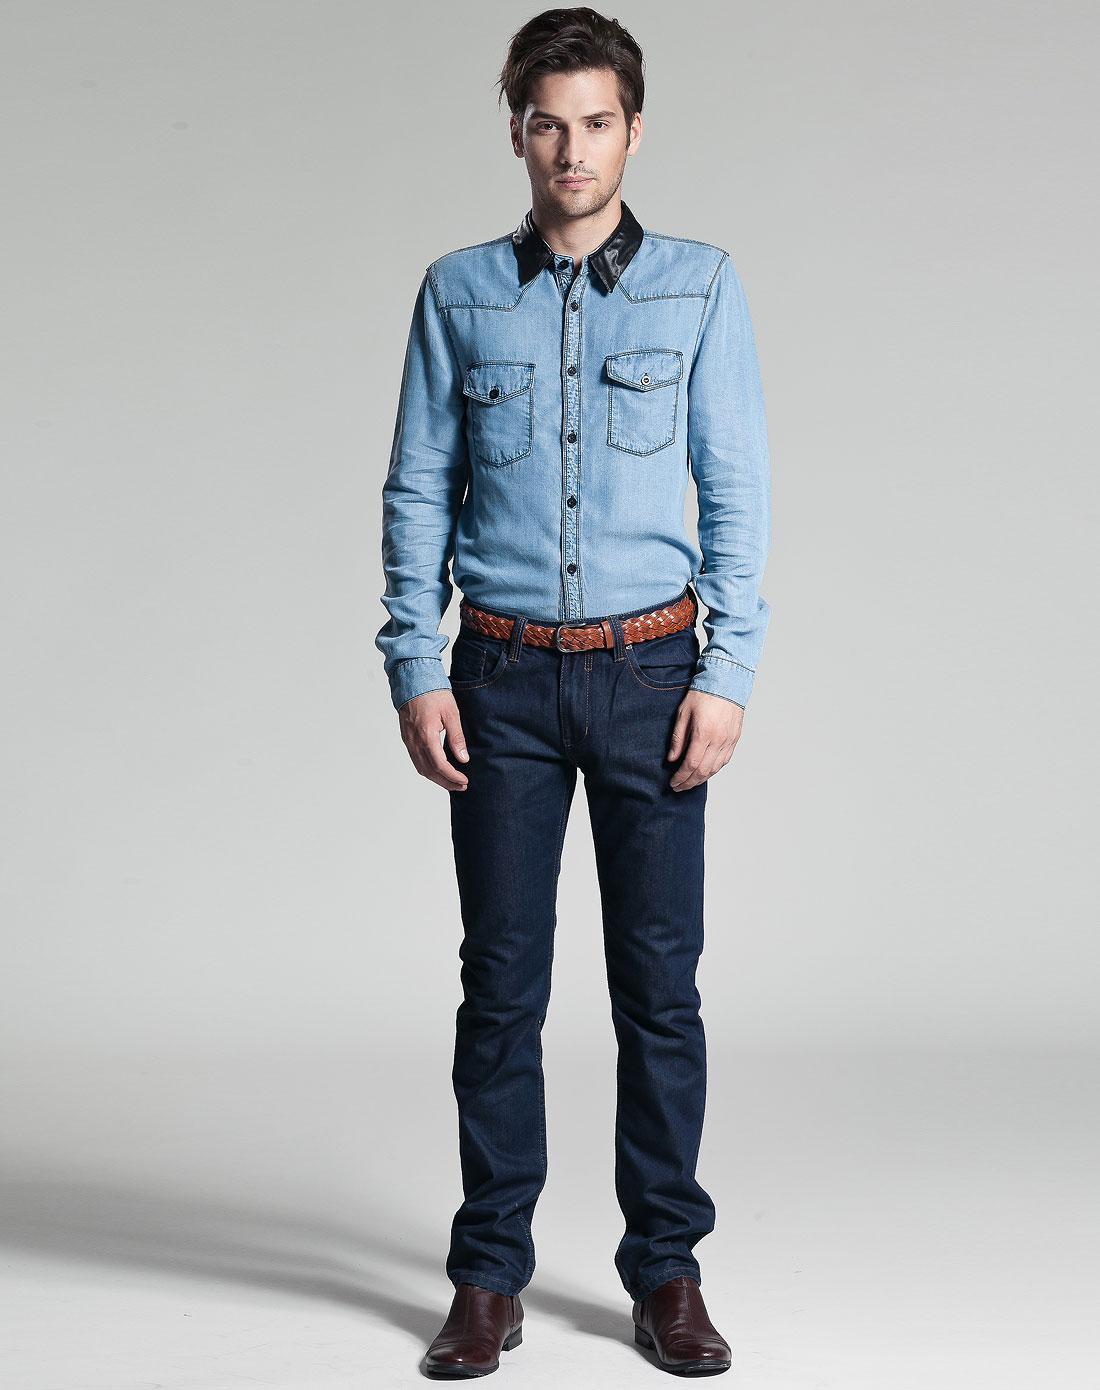 男士中牛仔蓝衬衫